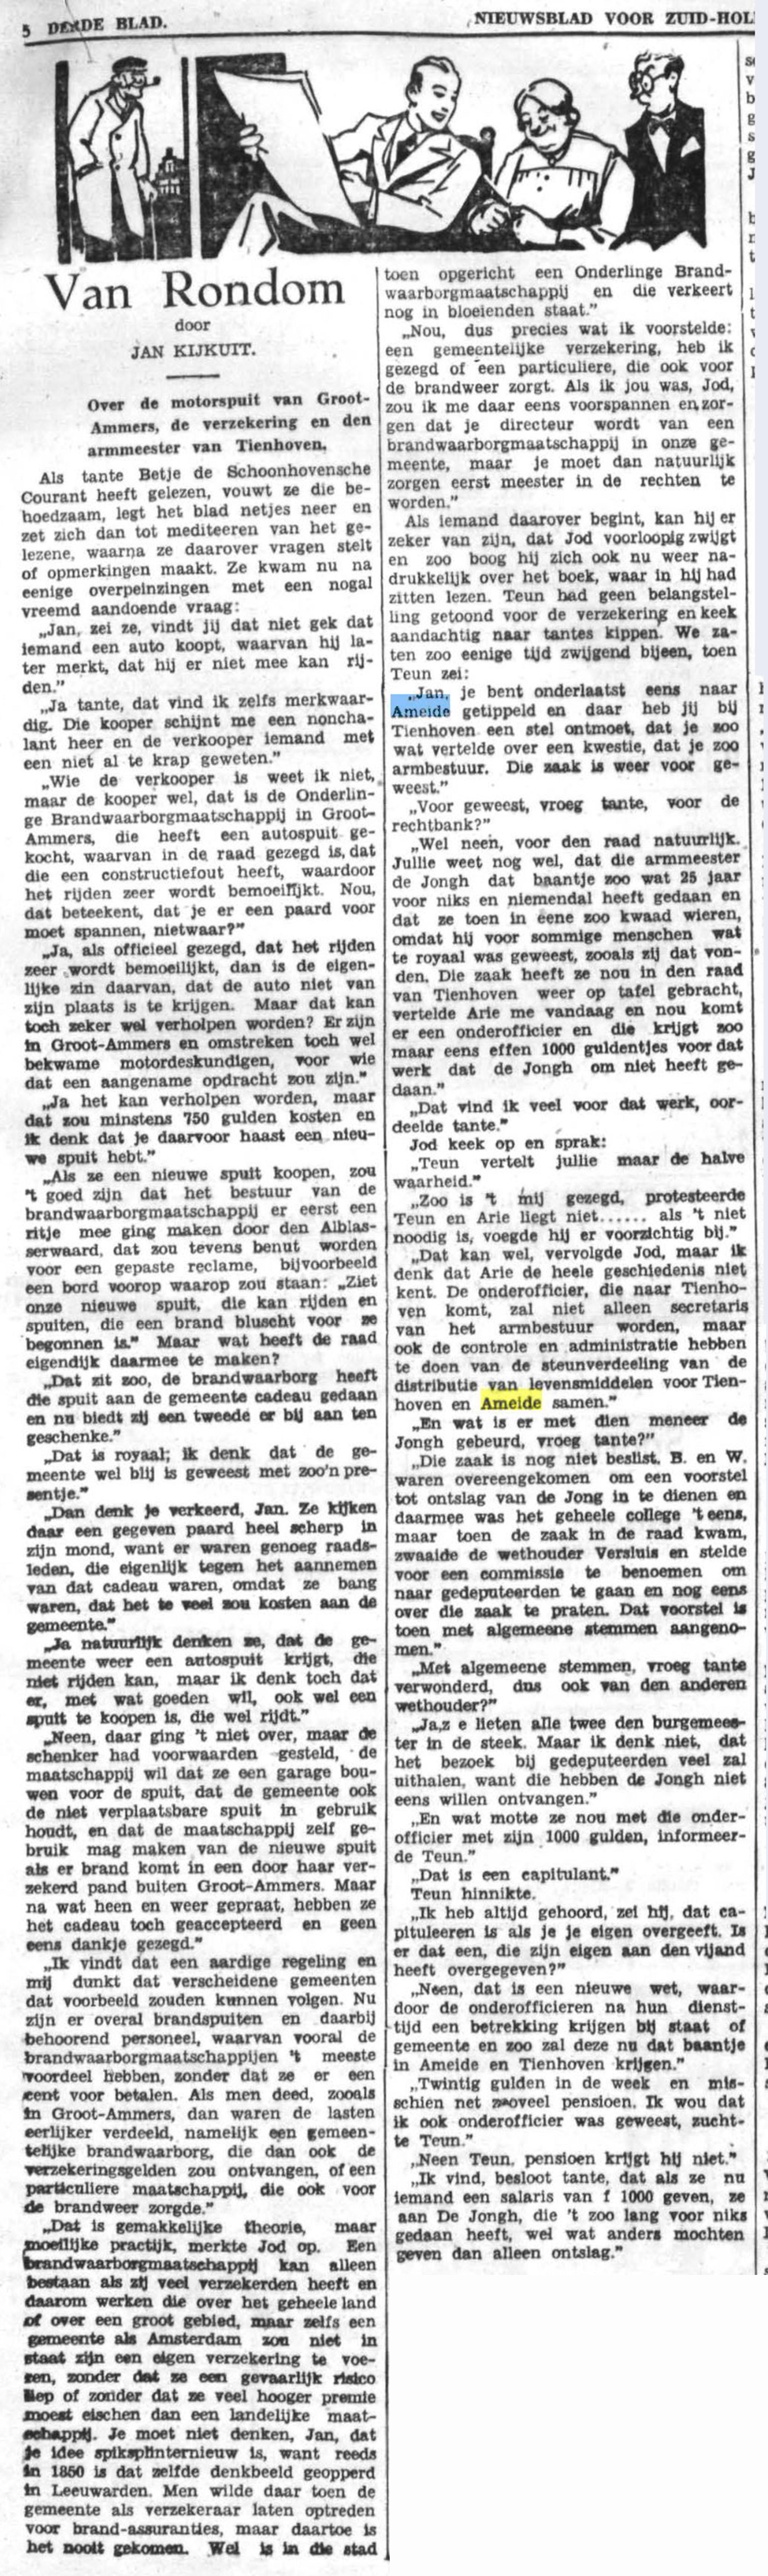 schoonhovensche-courant-06800-1937-04-23-artikel-04